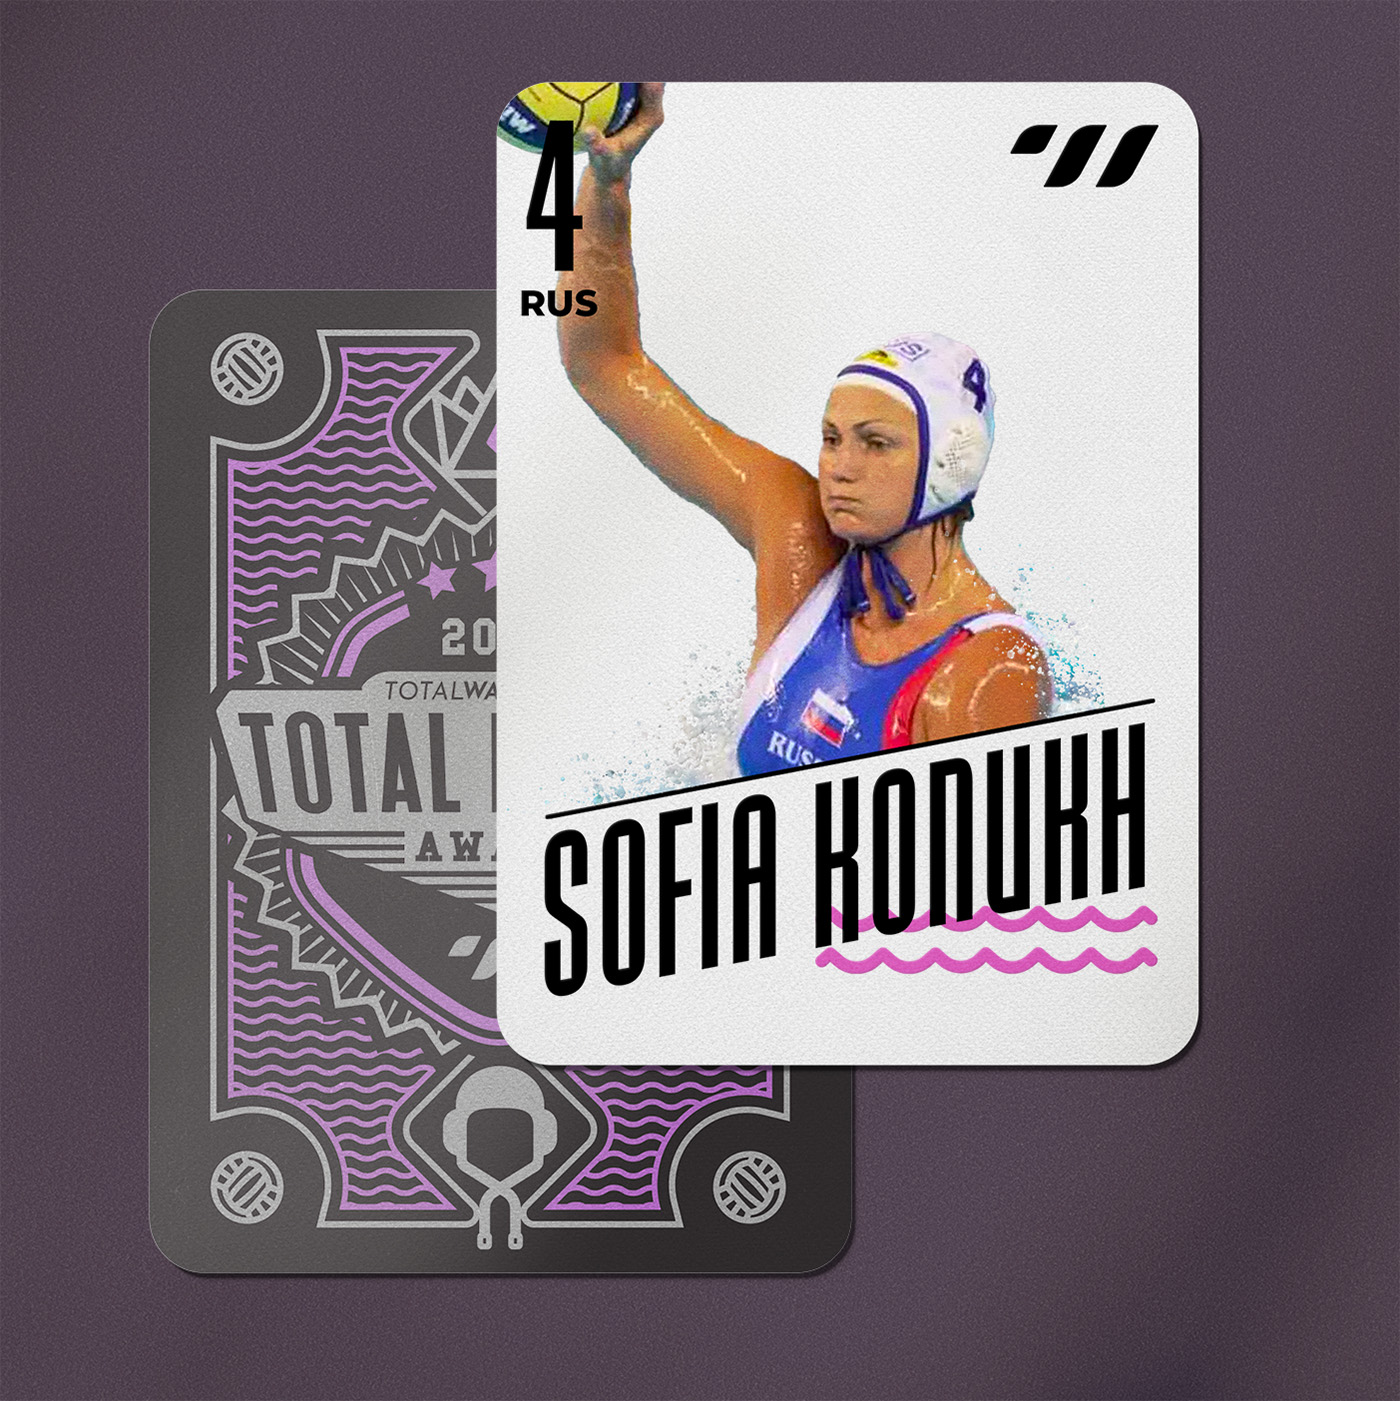 LEFT SIDE - Sofia Konukh (RUS)